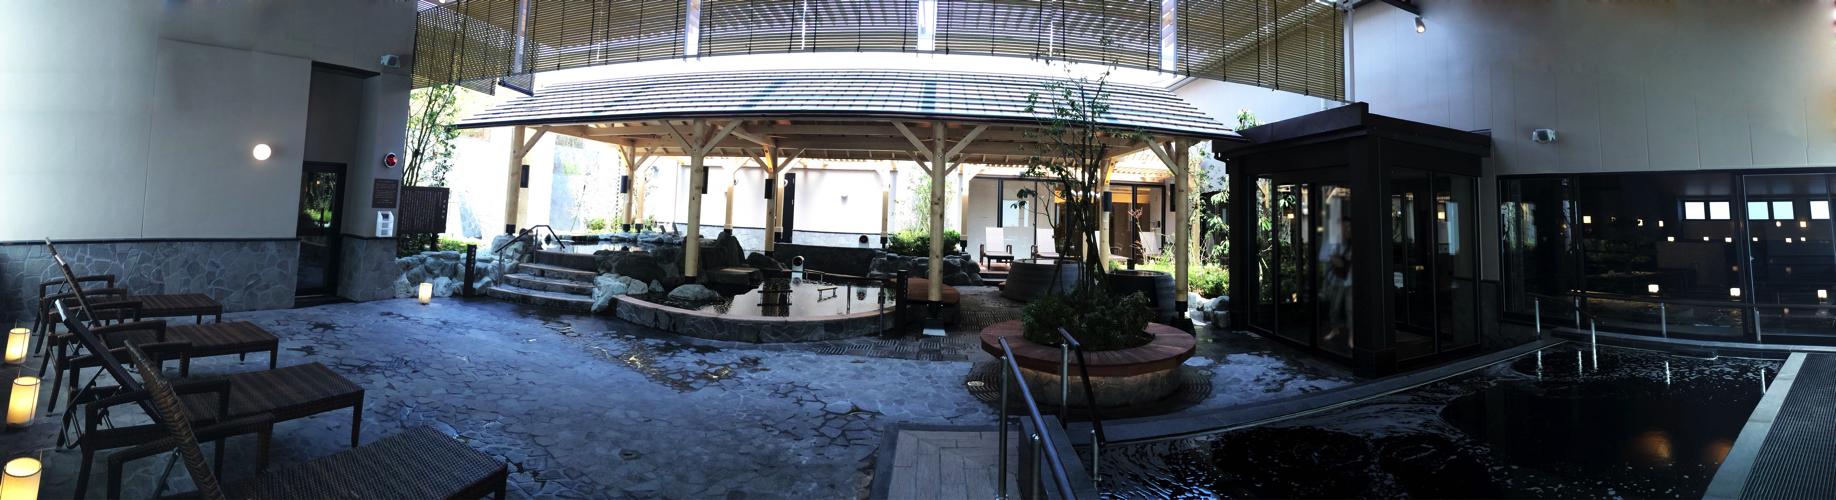 綱島温泉「綱島源泉湯けむりの庄」の露天風呂のパノラマ写真